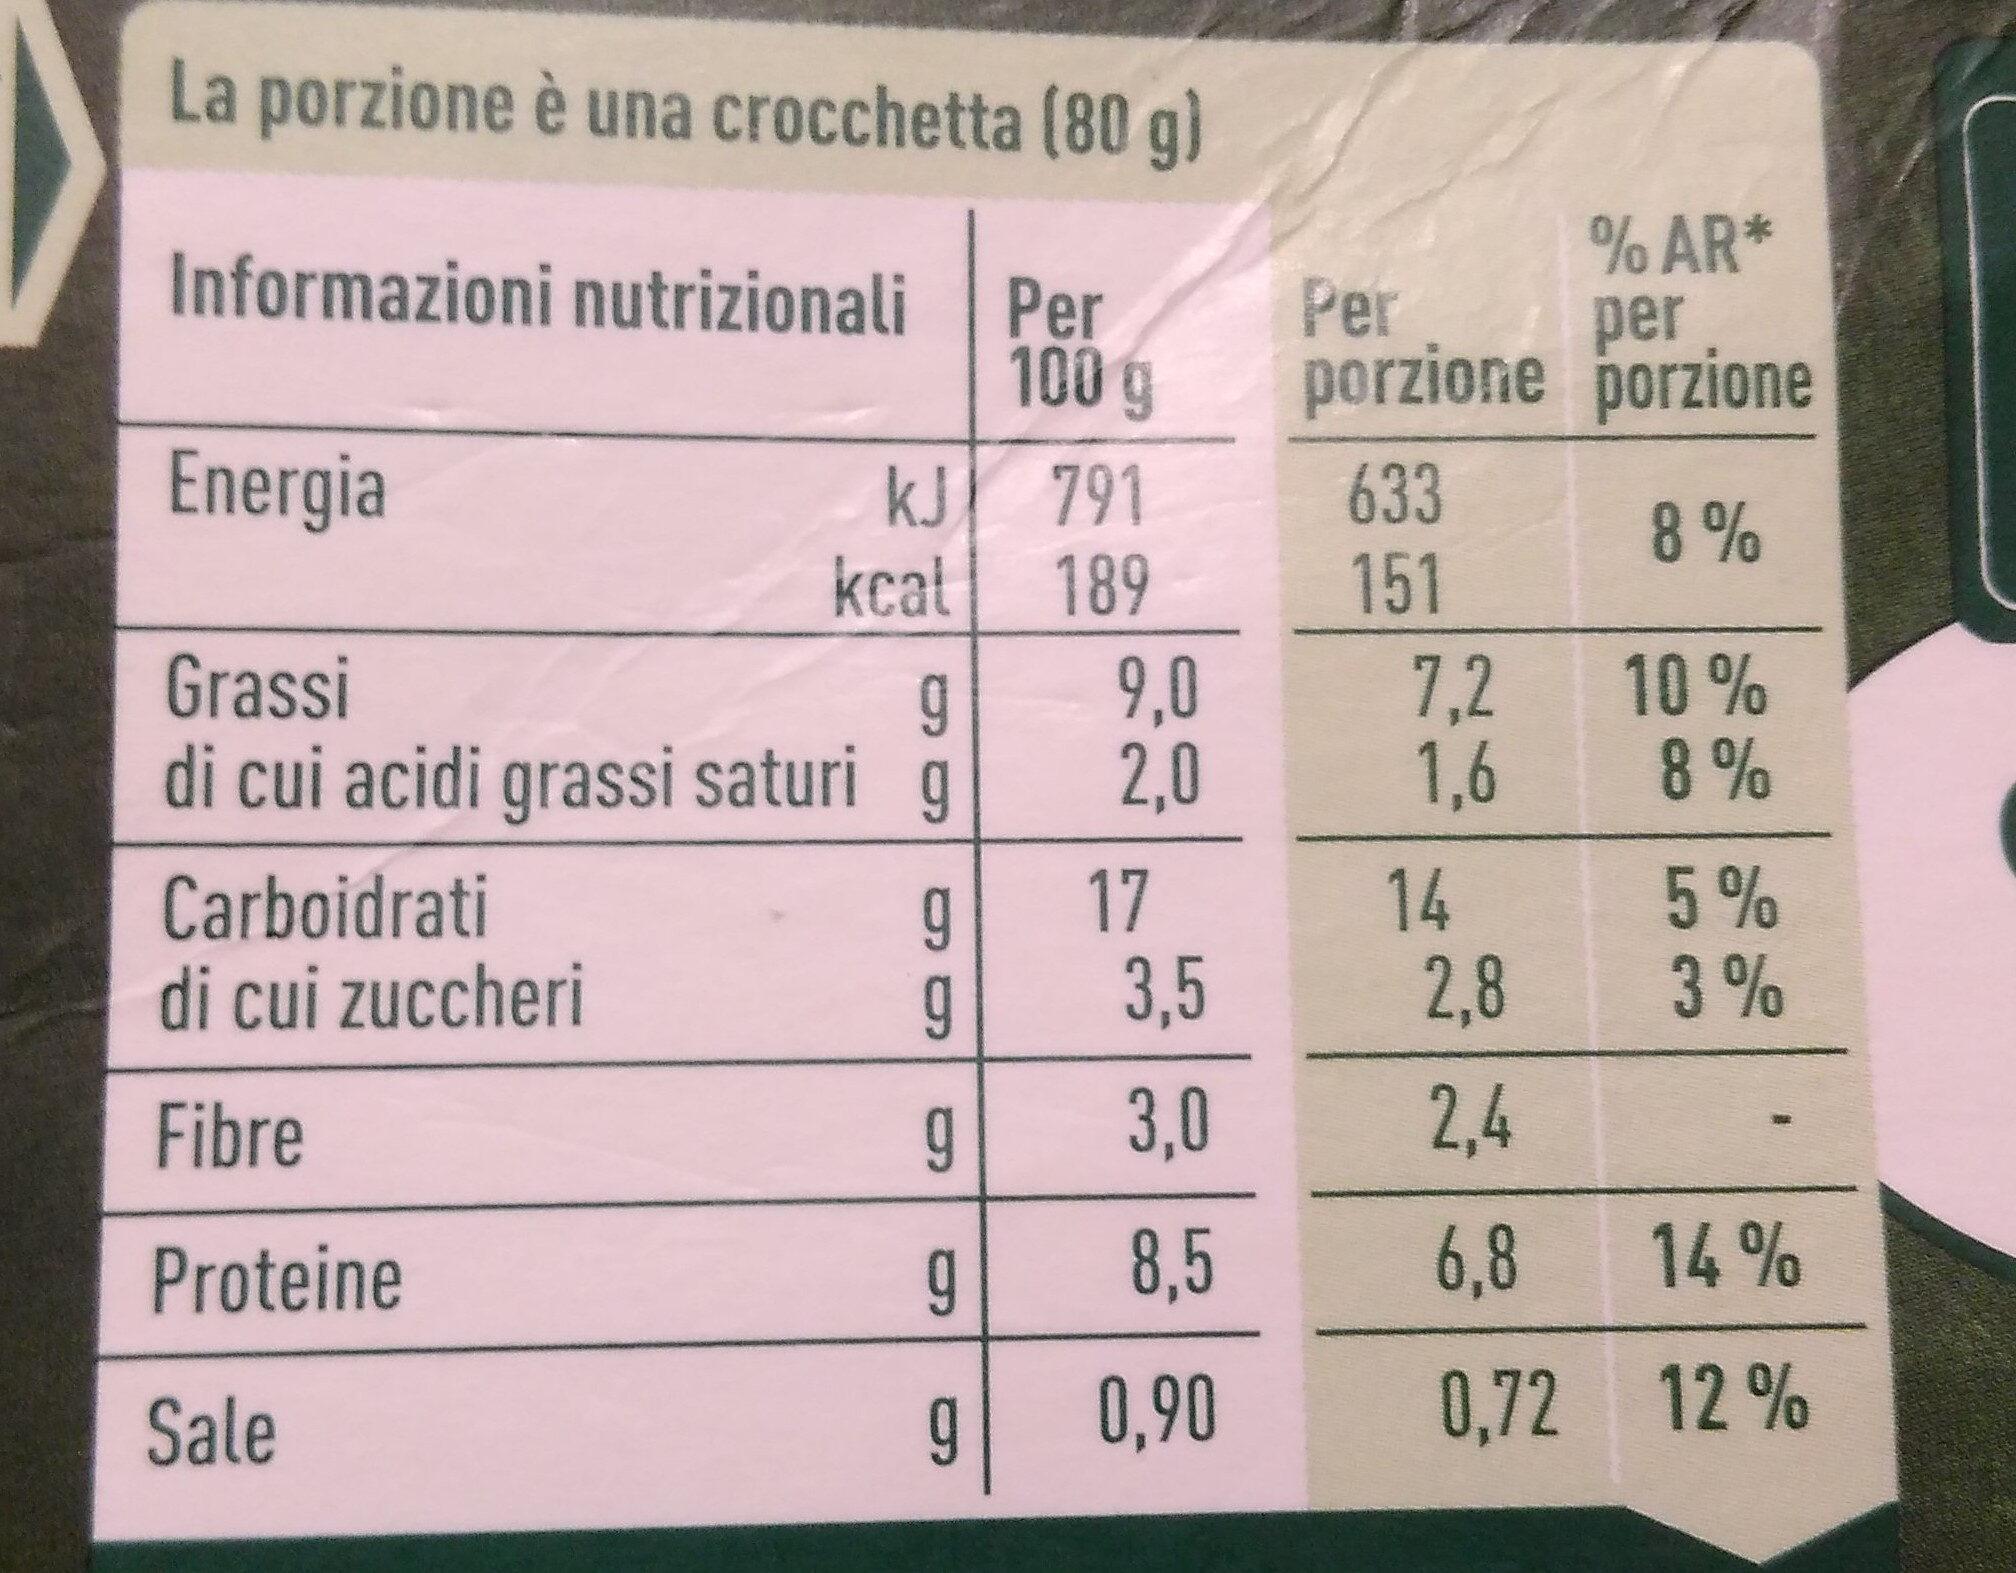 Crocchetta Mediterranea - Voedingswaarden